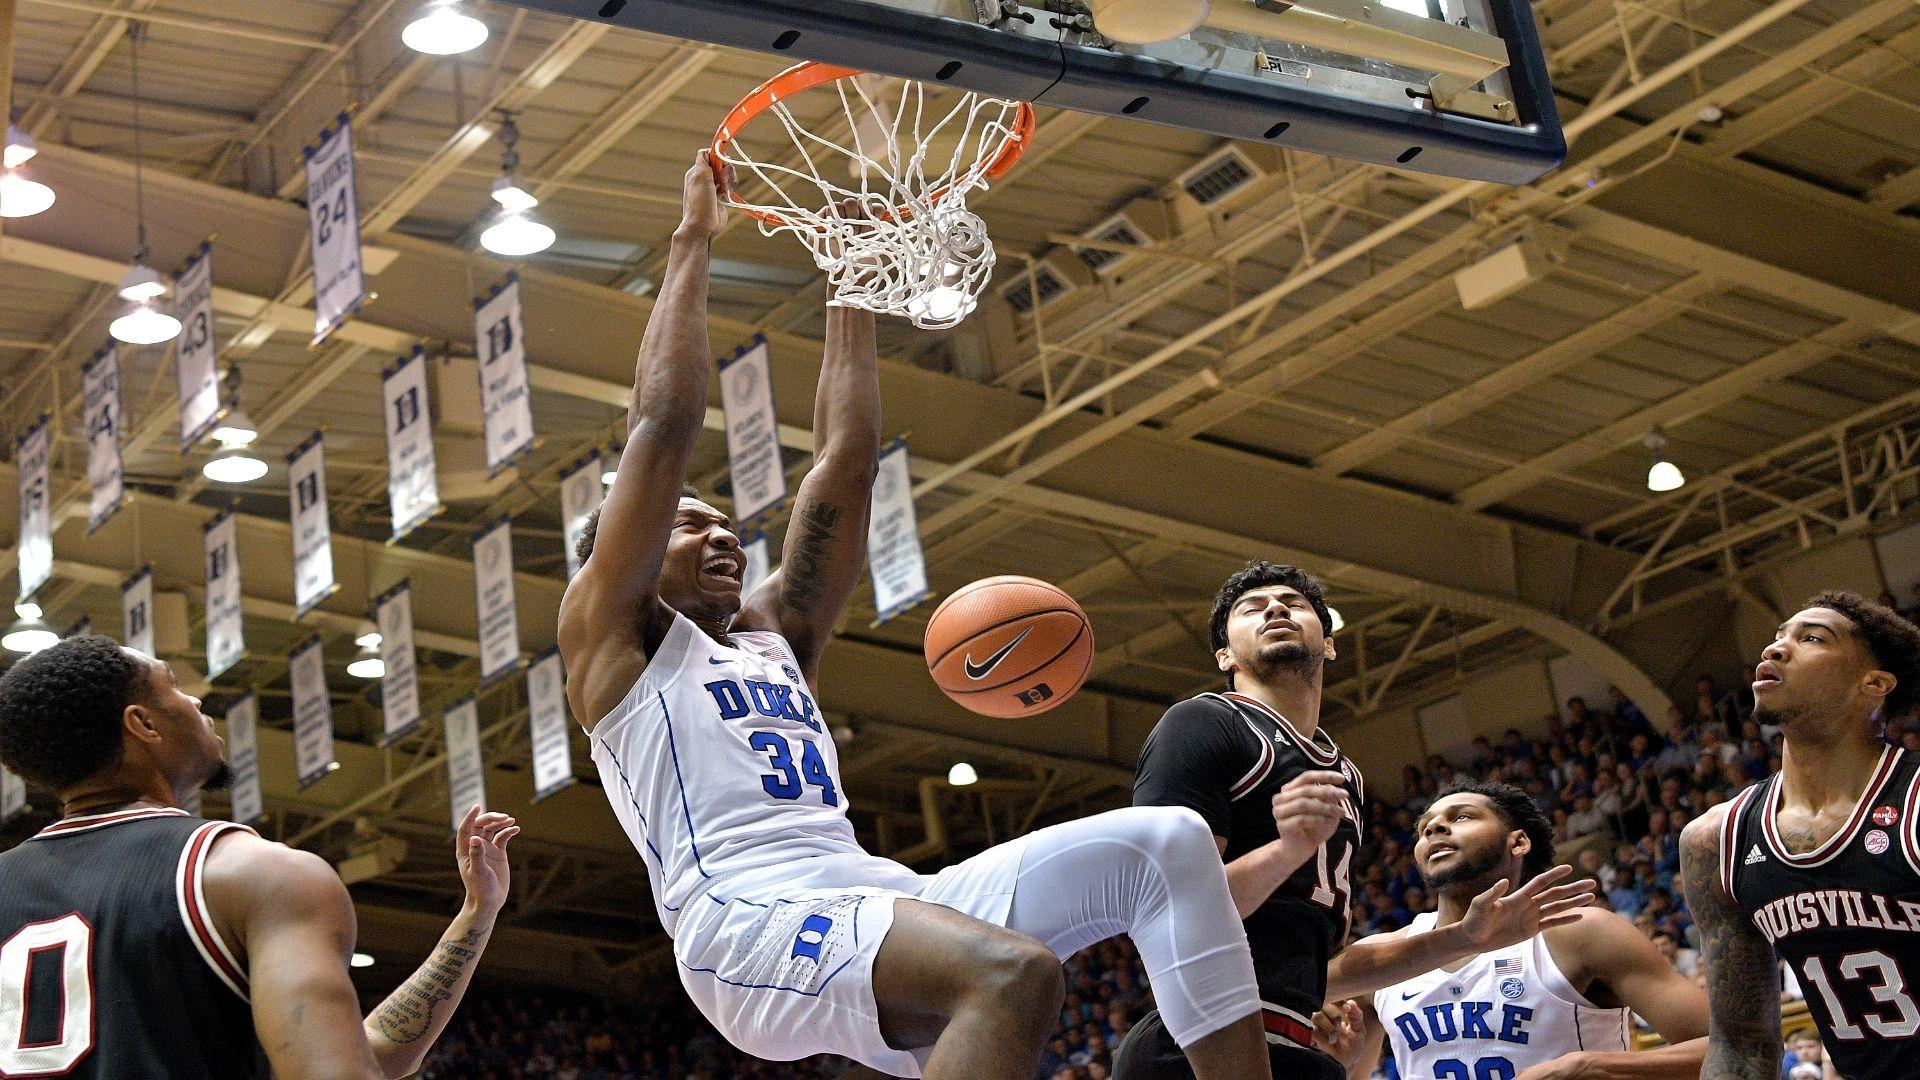 Duke poised to reload like never before